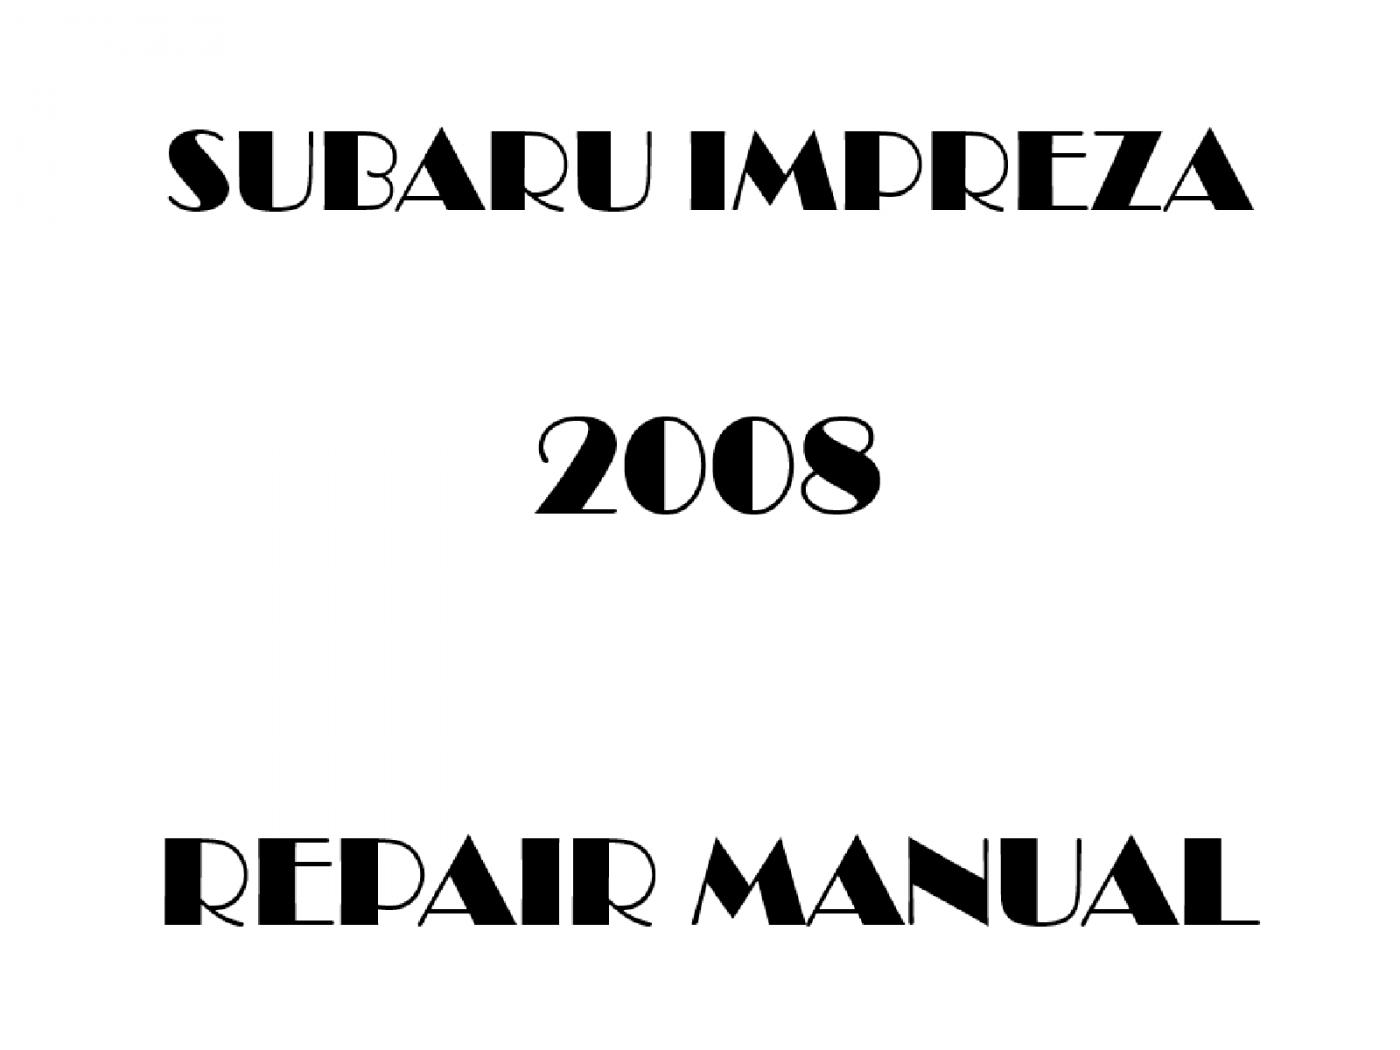 2008 Subaru Impreza repair manual